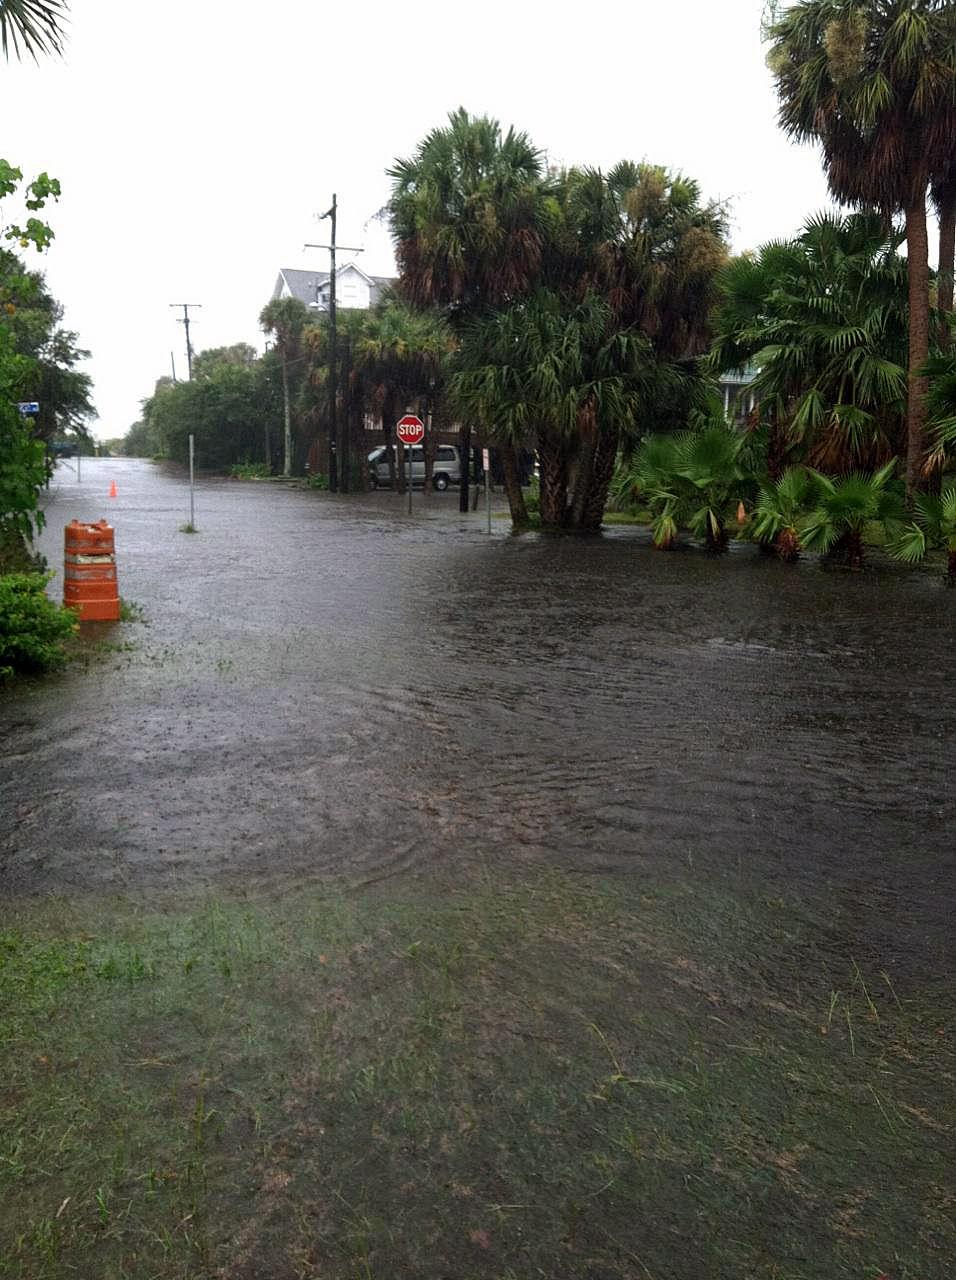 Flooding on Folly Beach